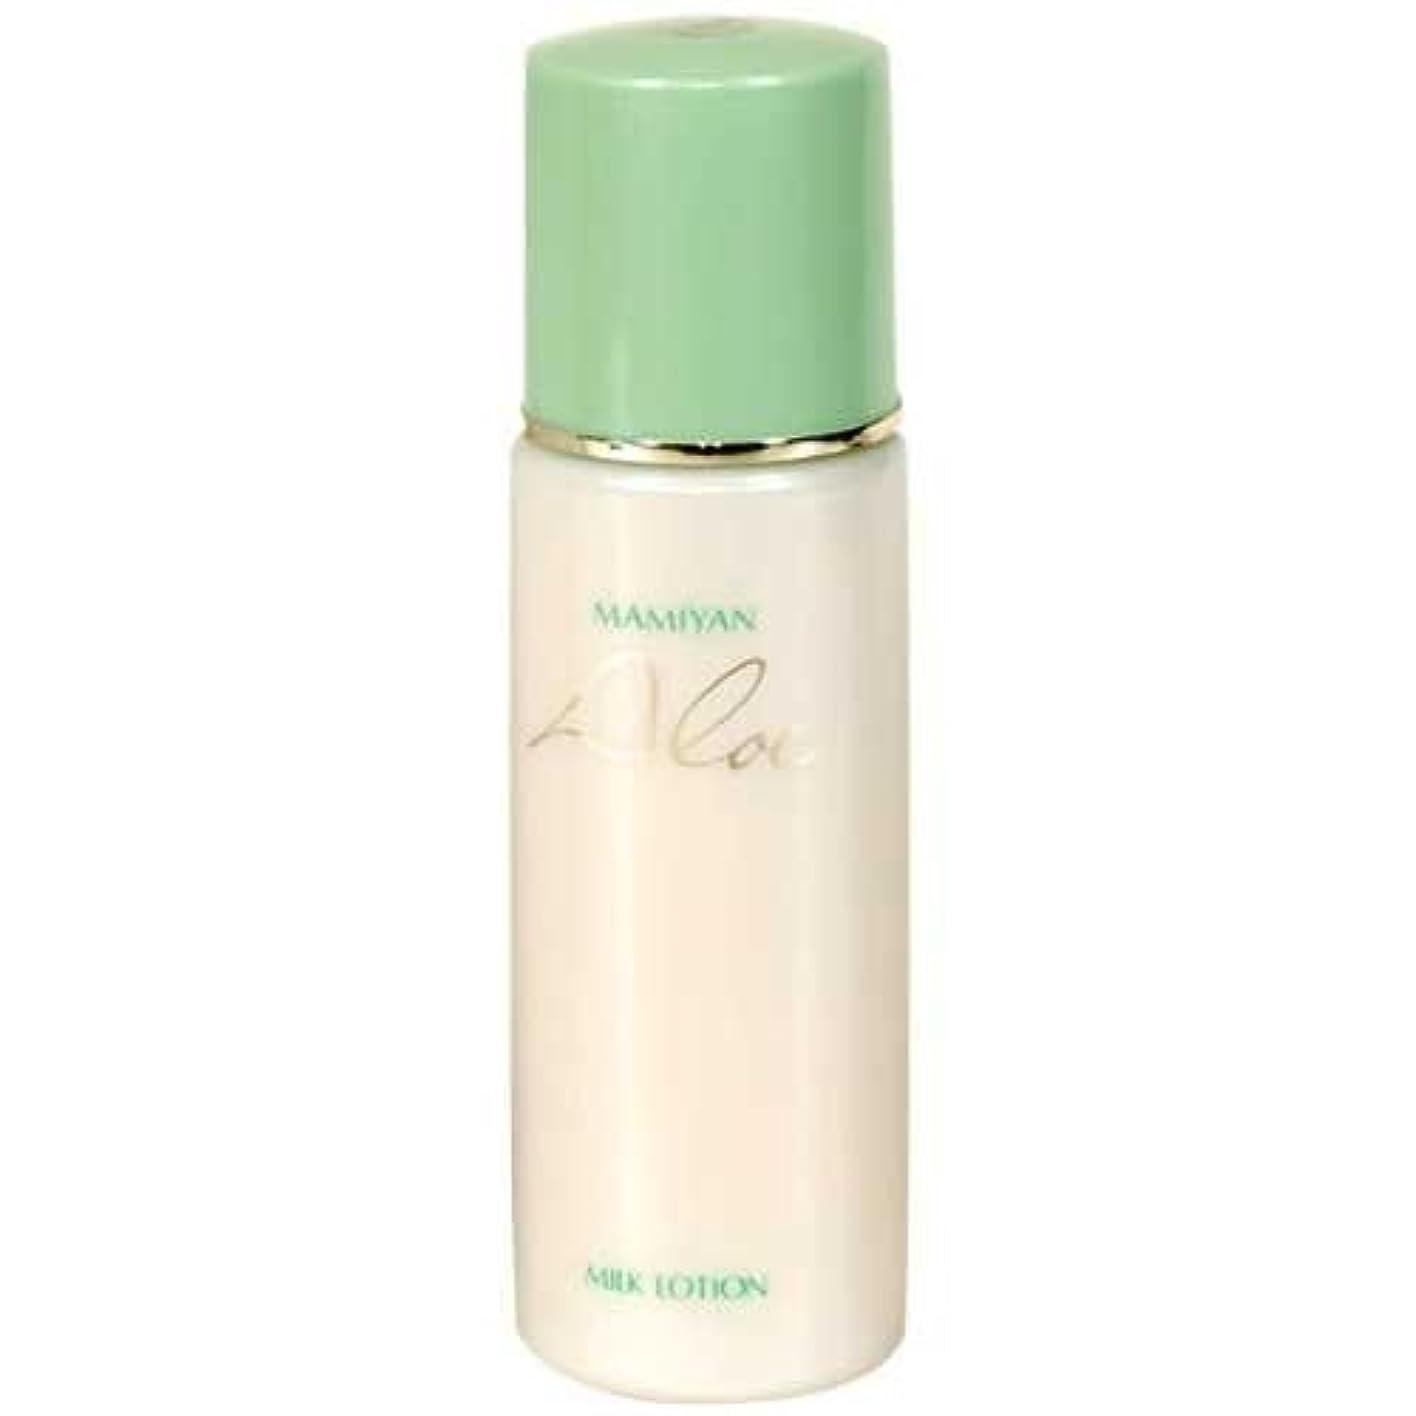 野心知覚する安らぎマミヤンアロエ基礎化粧品シリーズ アロエミルクローション 120ml さっぱりとした乳液